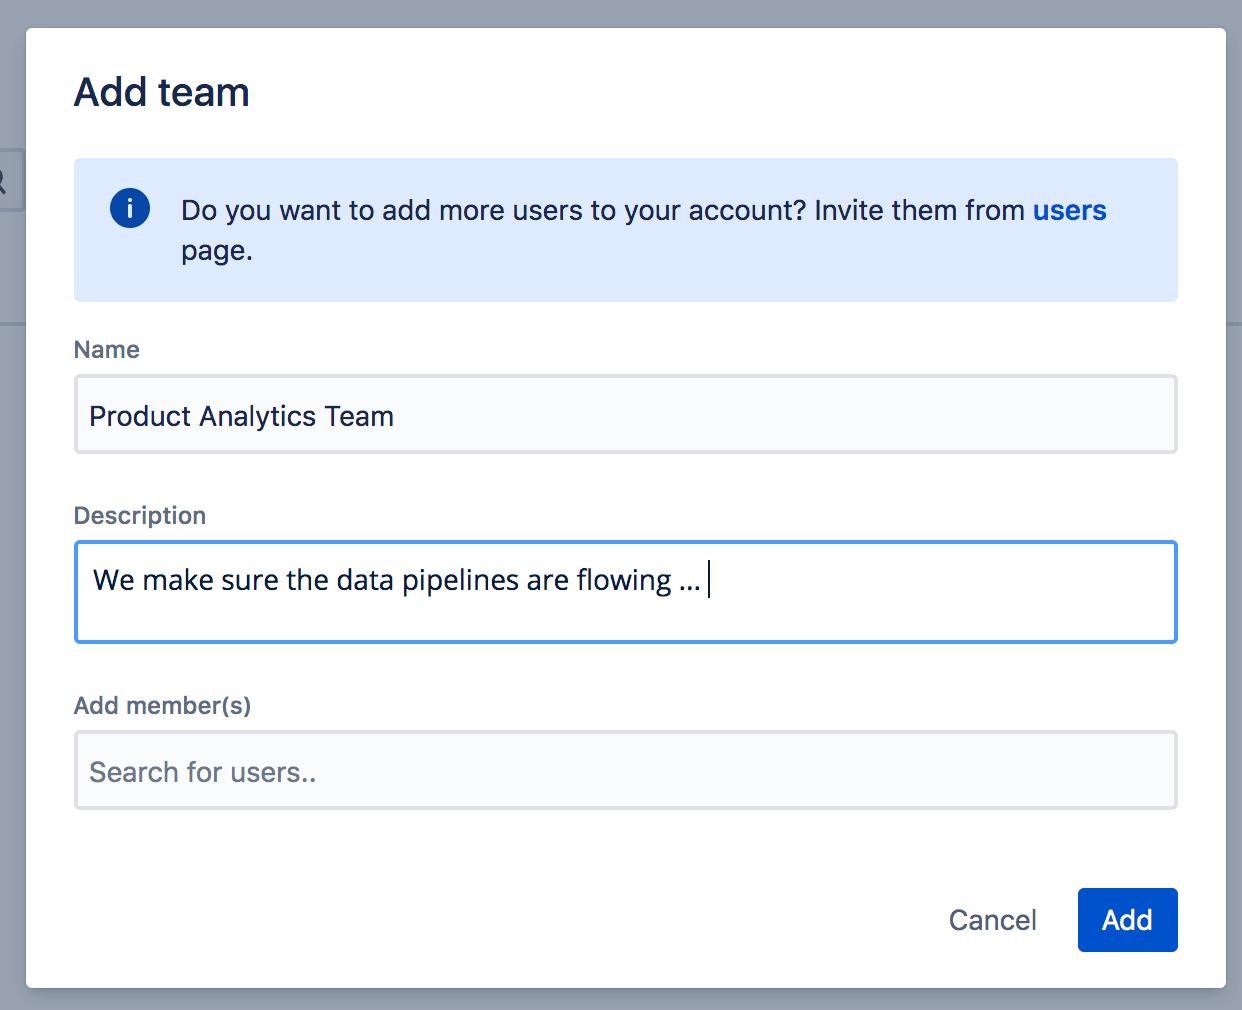 Screenshot highlighting add team fields